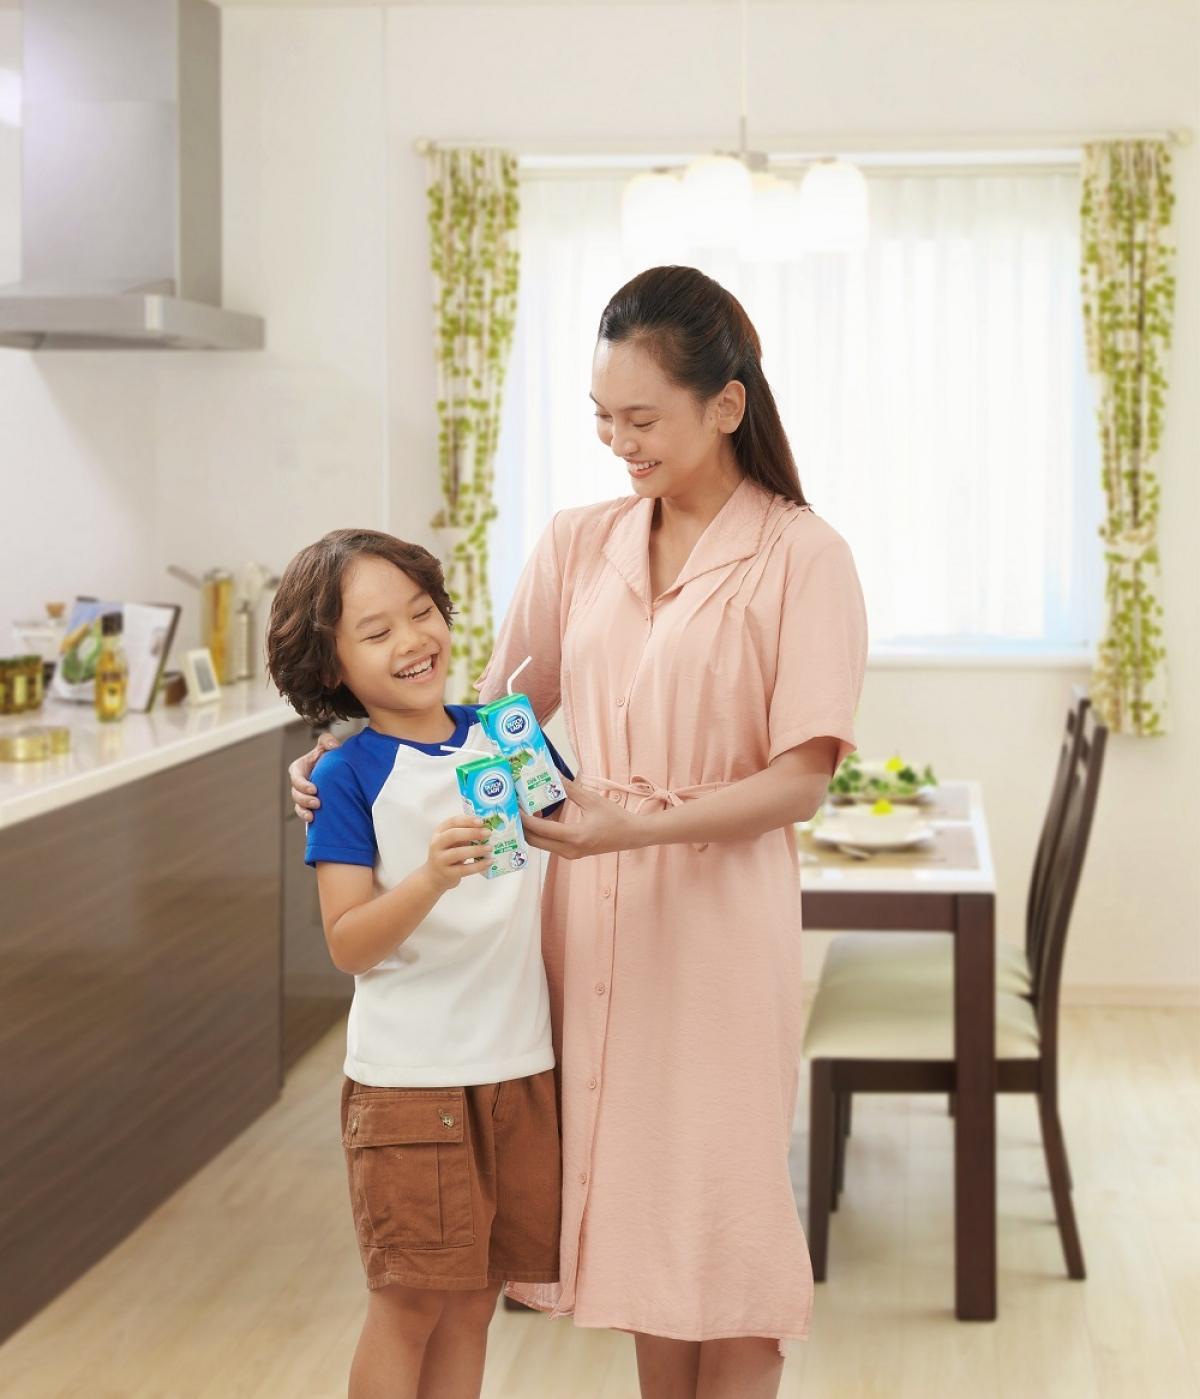 Bổ sung 1 hộp sữa tươi Cô Gái Hà Lan vào bữa sáng để con có khởi đầu ngày mới khỏe mạnh, an toàn trước dịch bệnh, mẹ nhé!